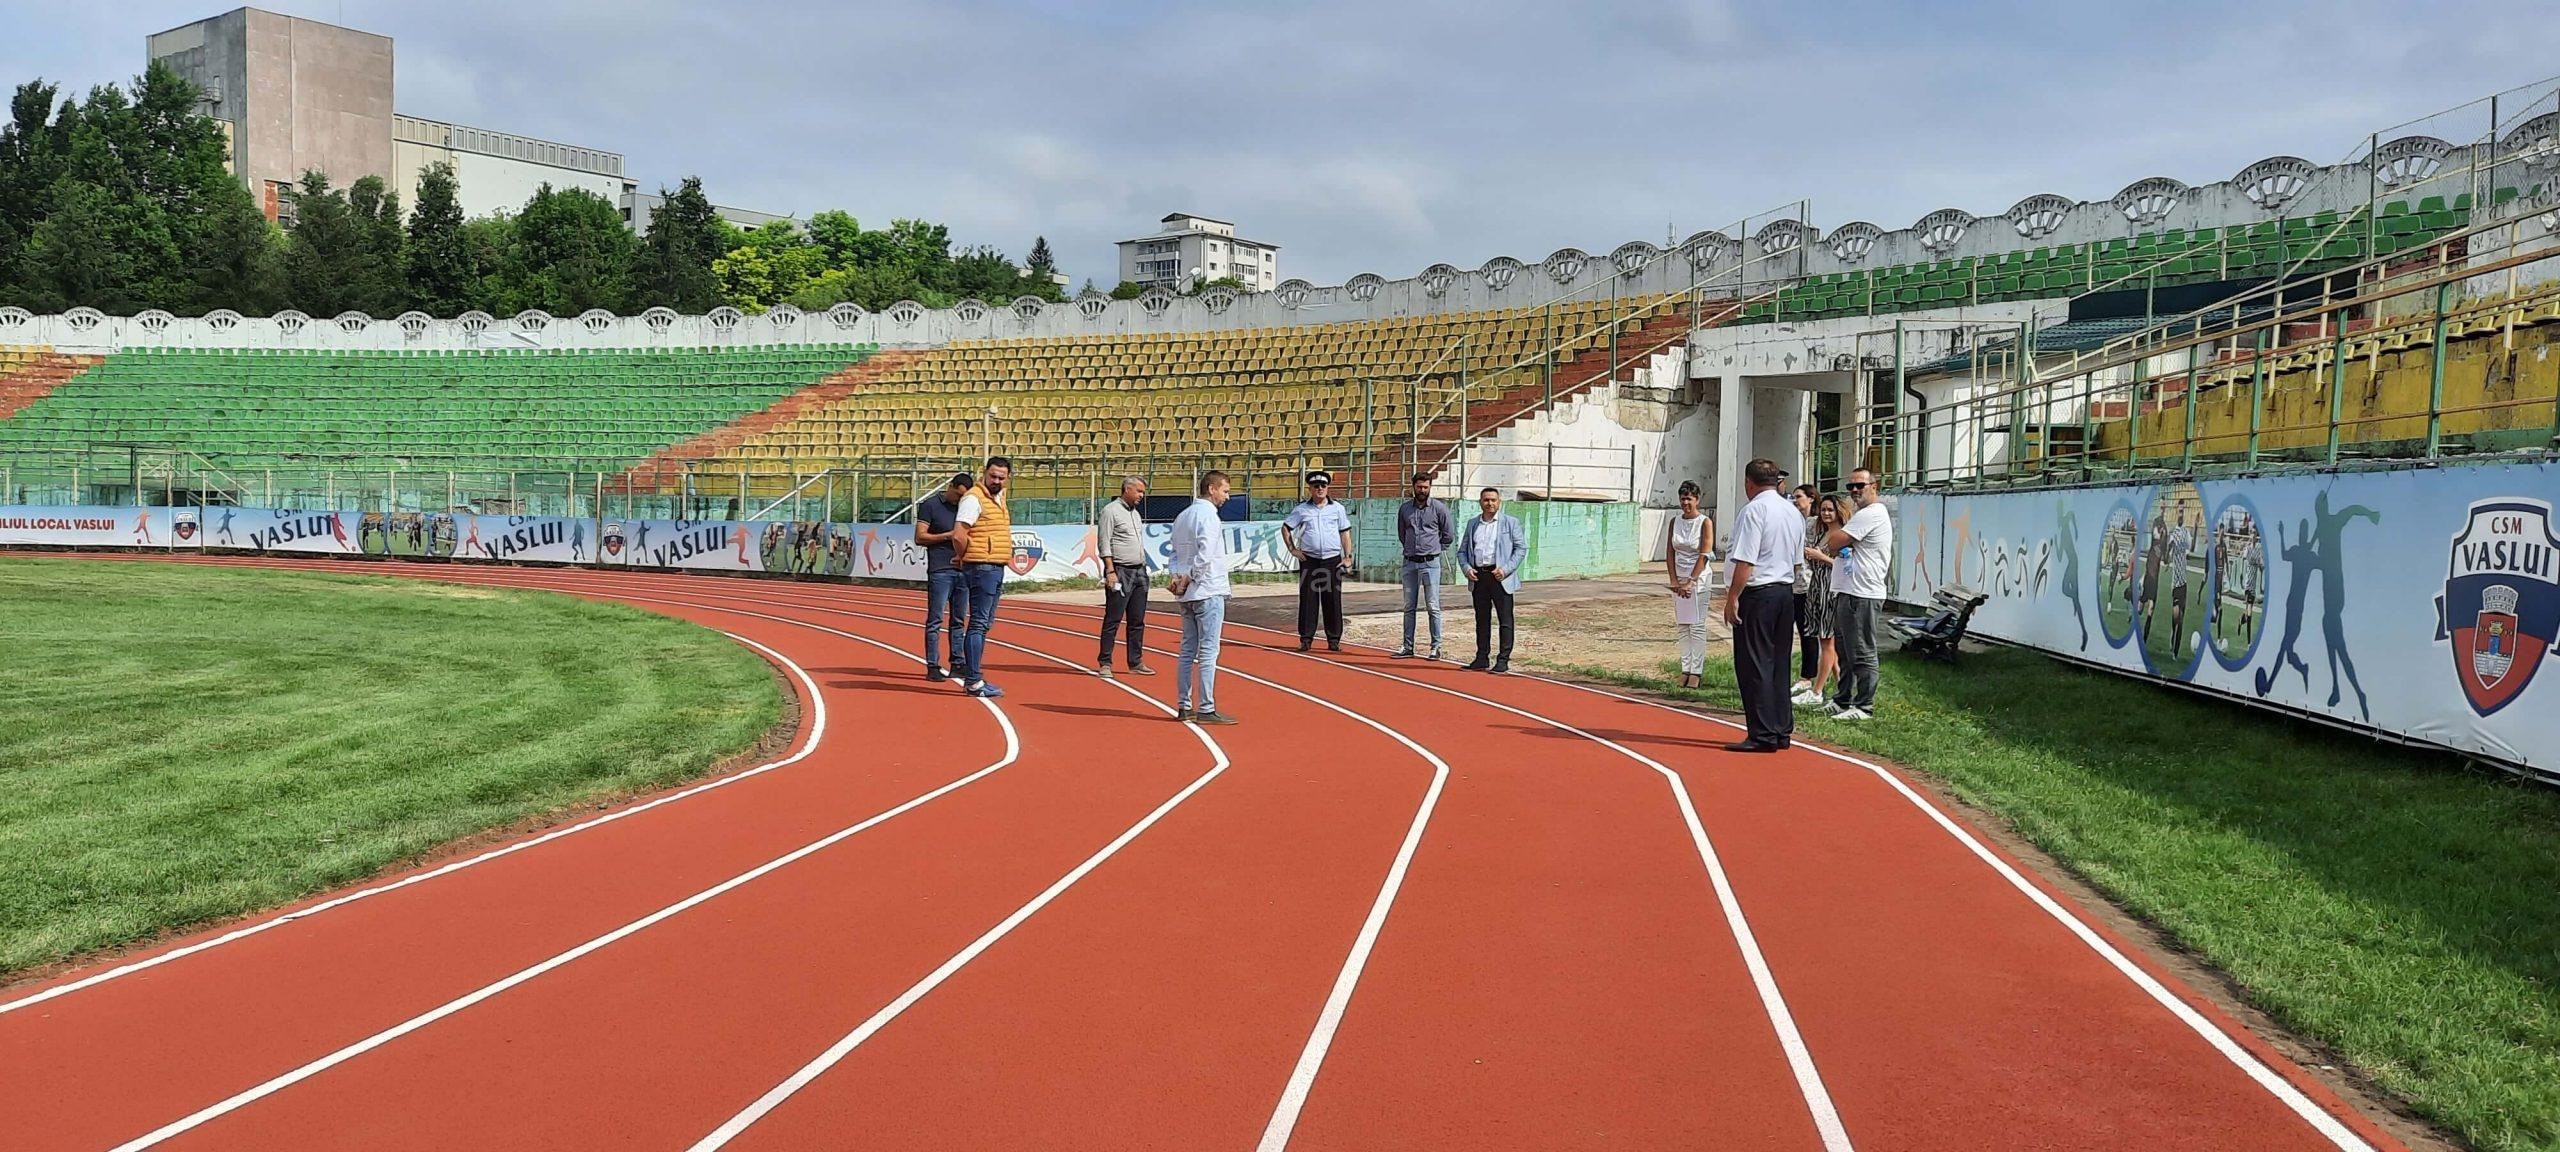 Pista de alergare a Stadionului municipal Vaslui a fost reabilitată 3